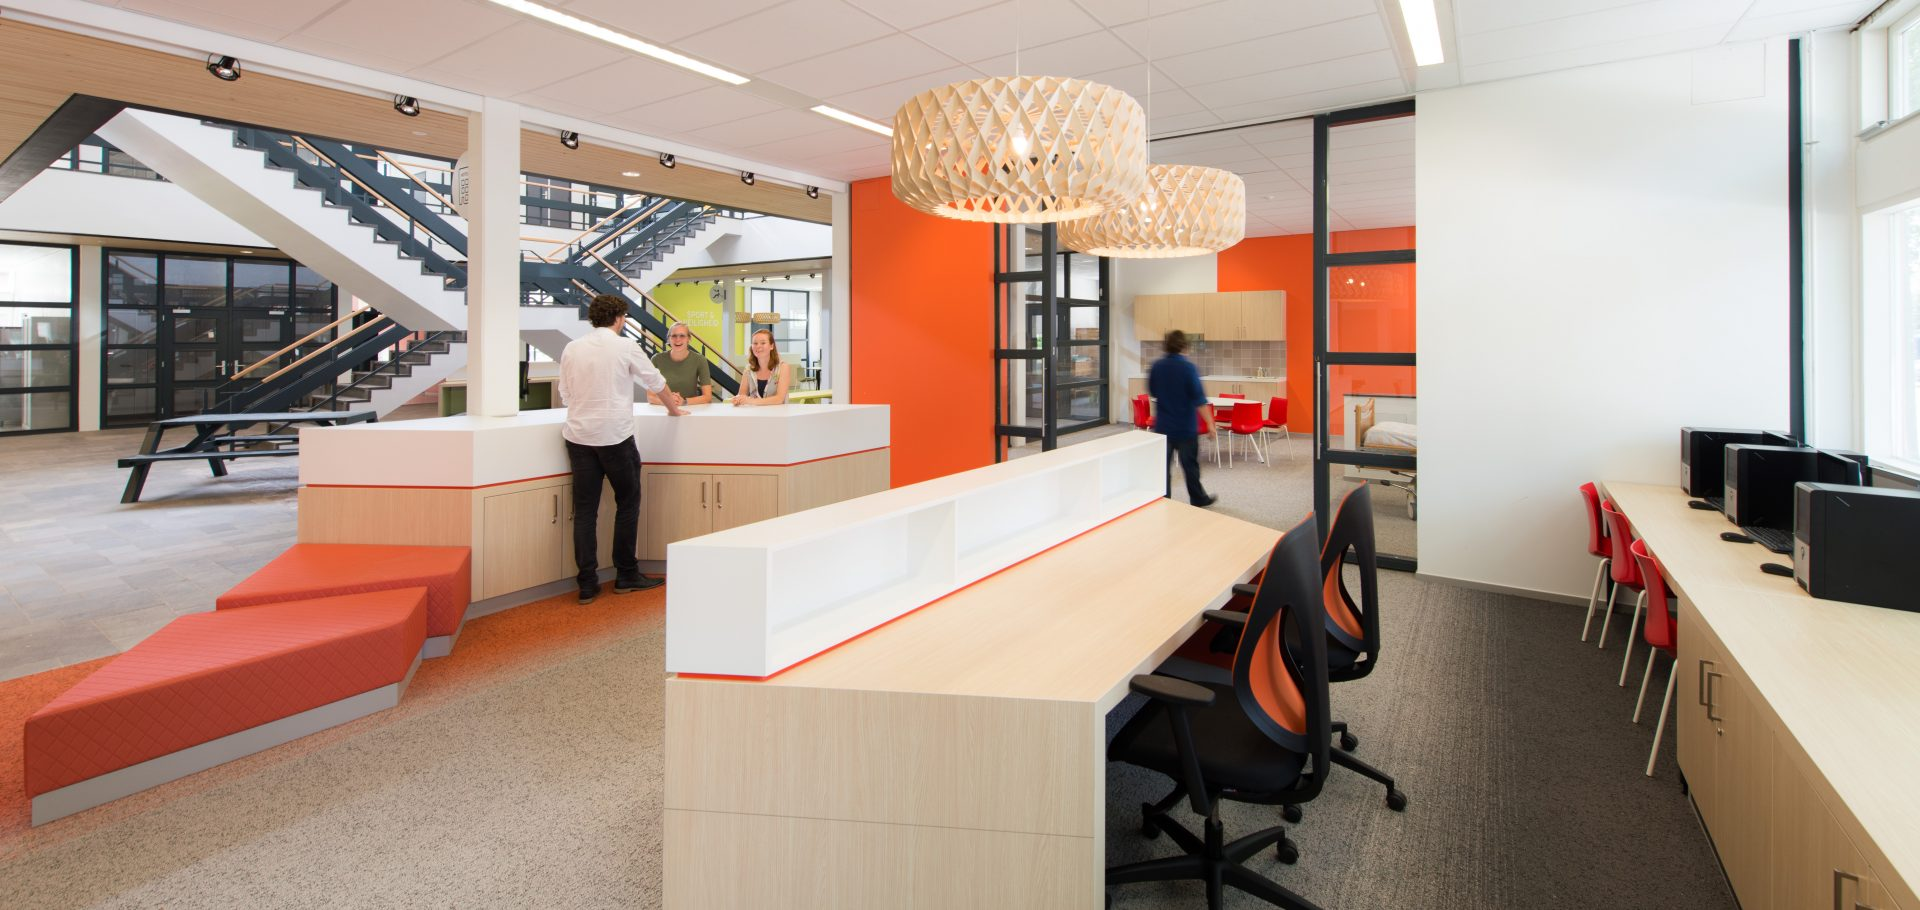 Leerpleinen Zuid-West College, Den Haag - 6